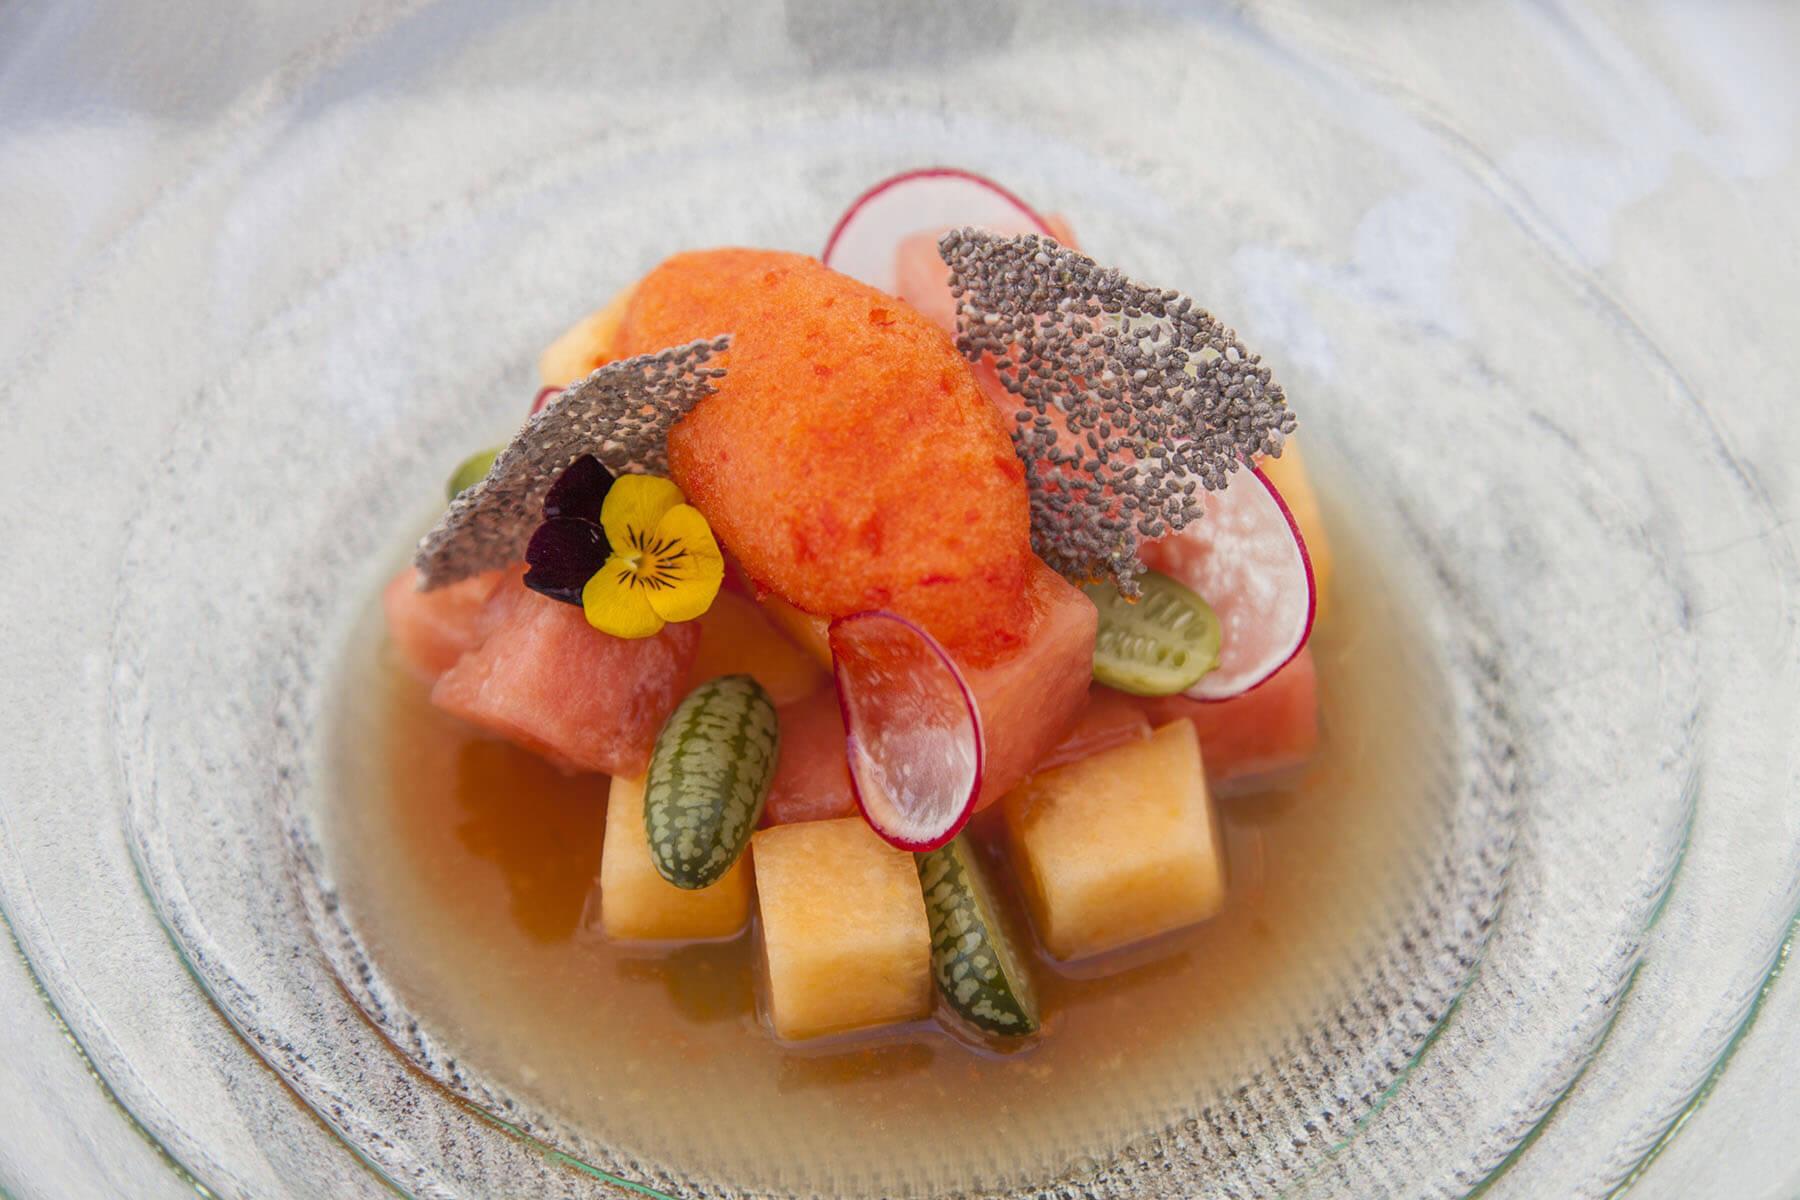 Melon ceviche with rocoto pepper sorbet